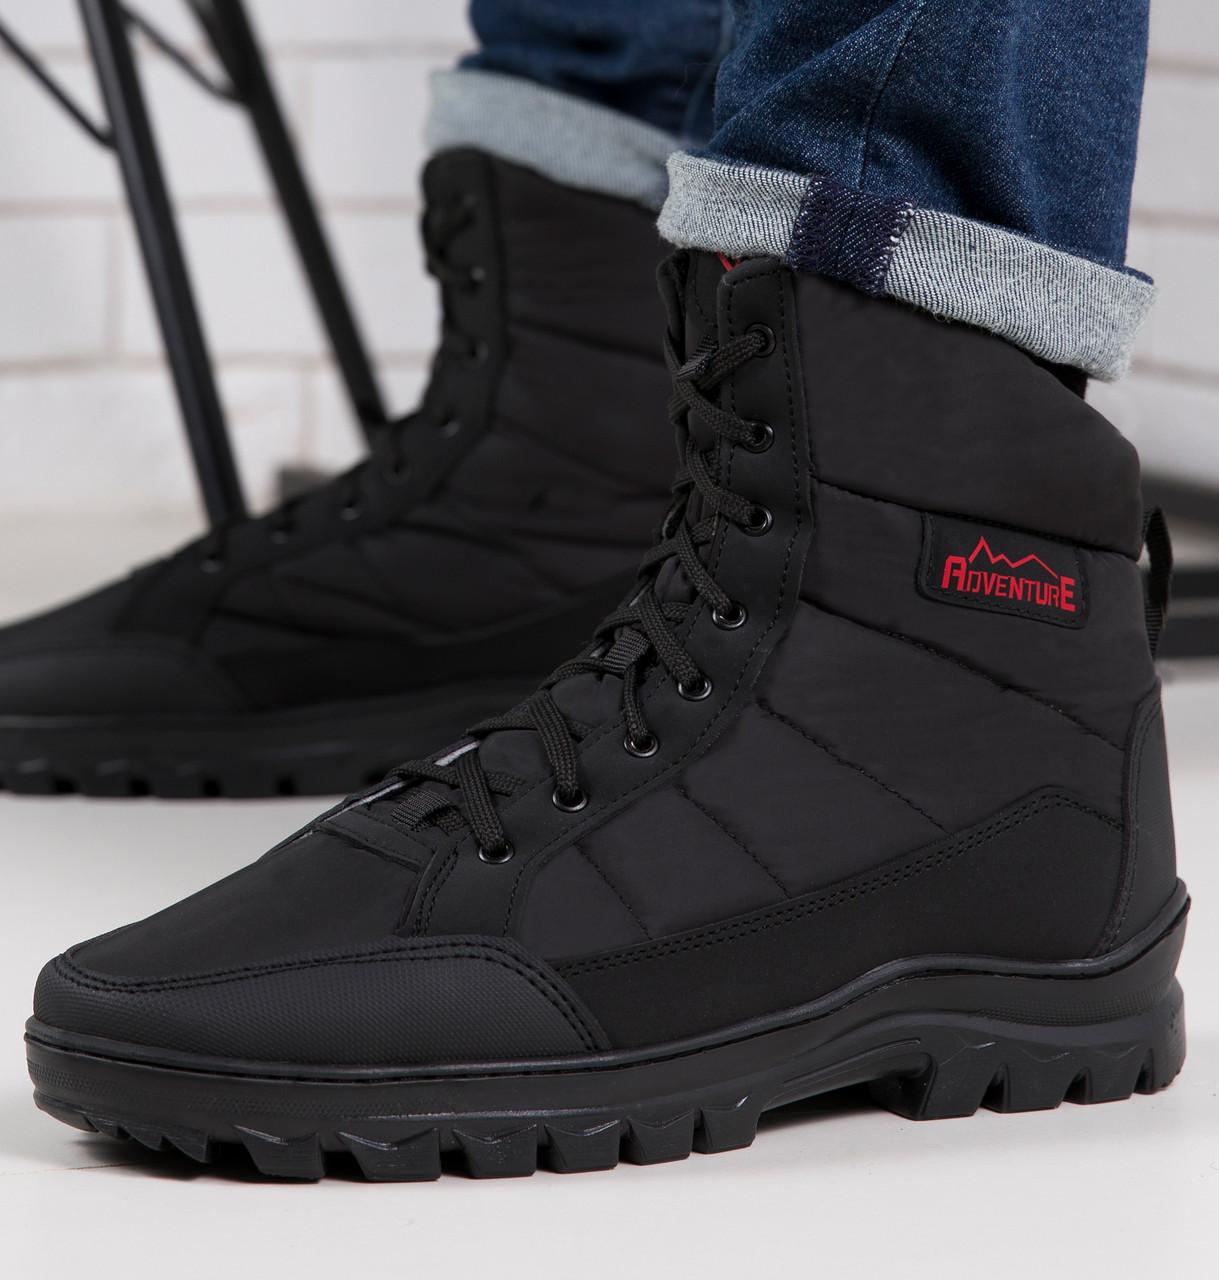 Ботинки мужские высокие чорние -20°C